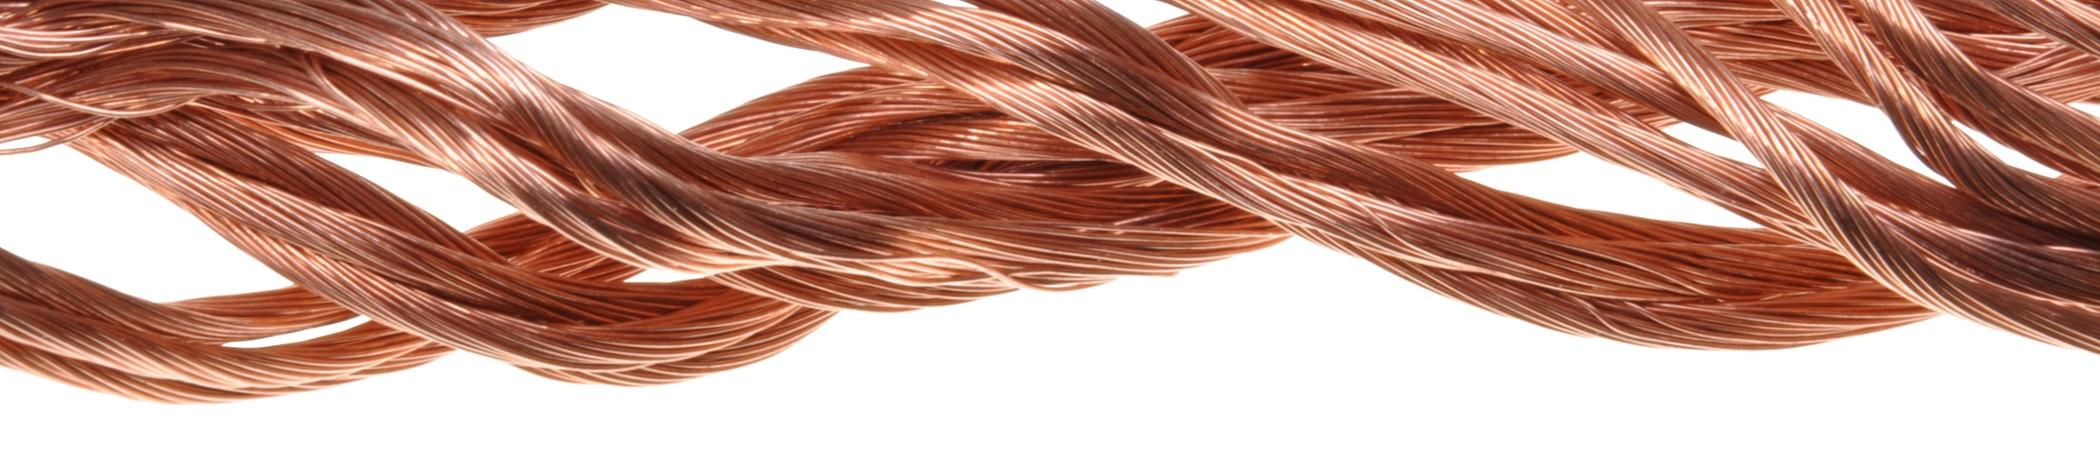 Linka miedziana, przewód miedziany, linka z drutu miedzianego, spleciony drut miedziany